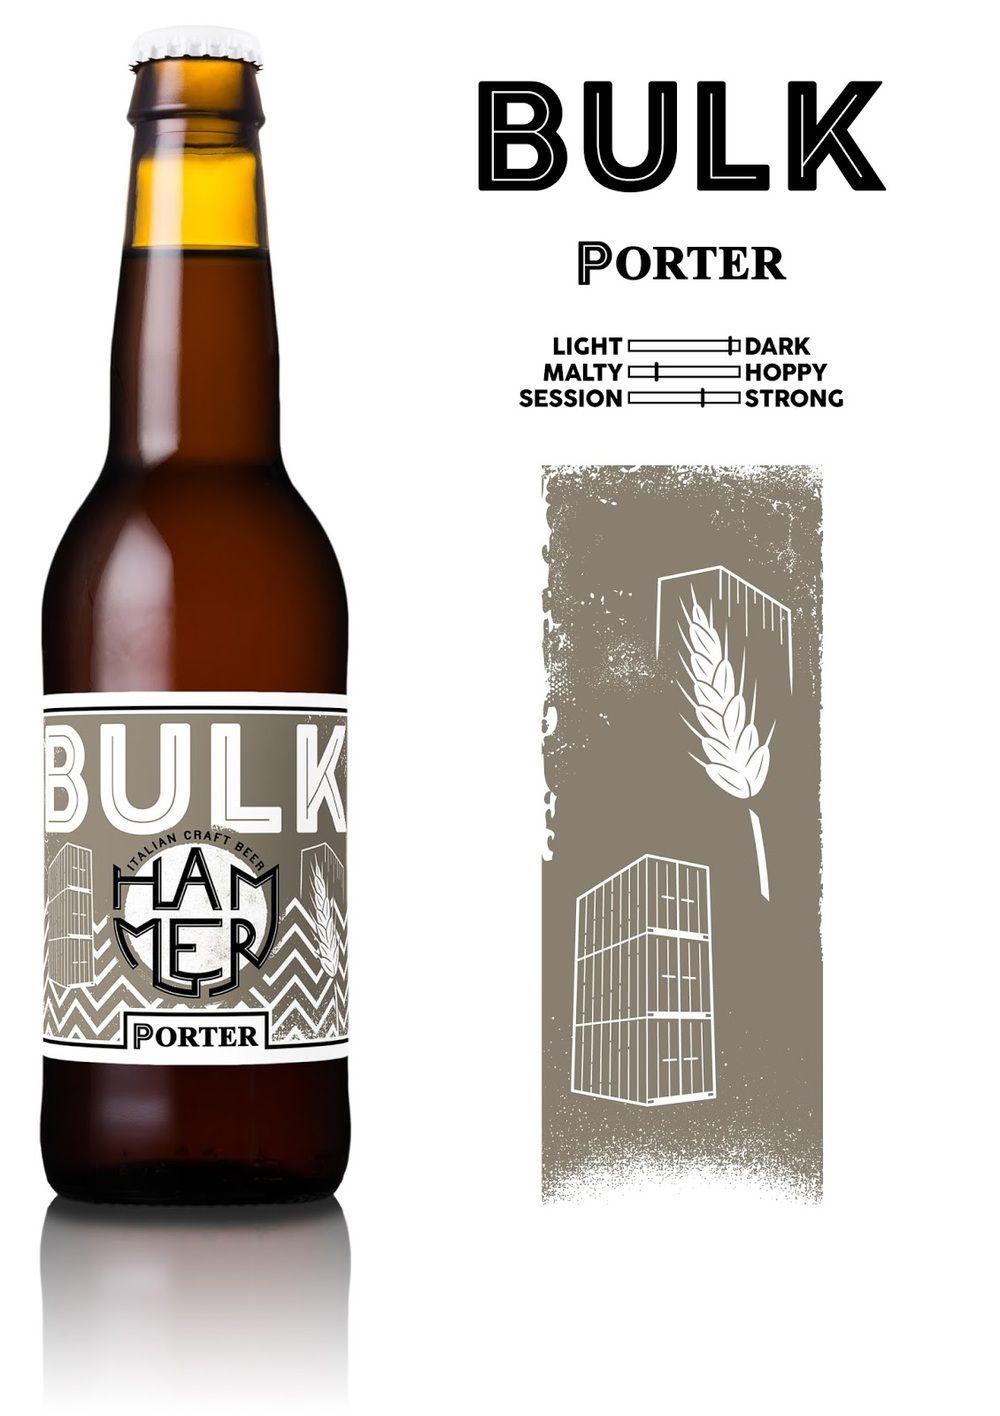 05_BULK_porter.jpg